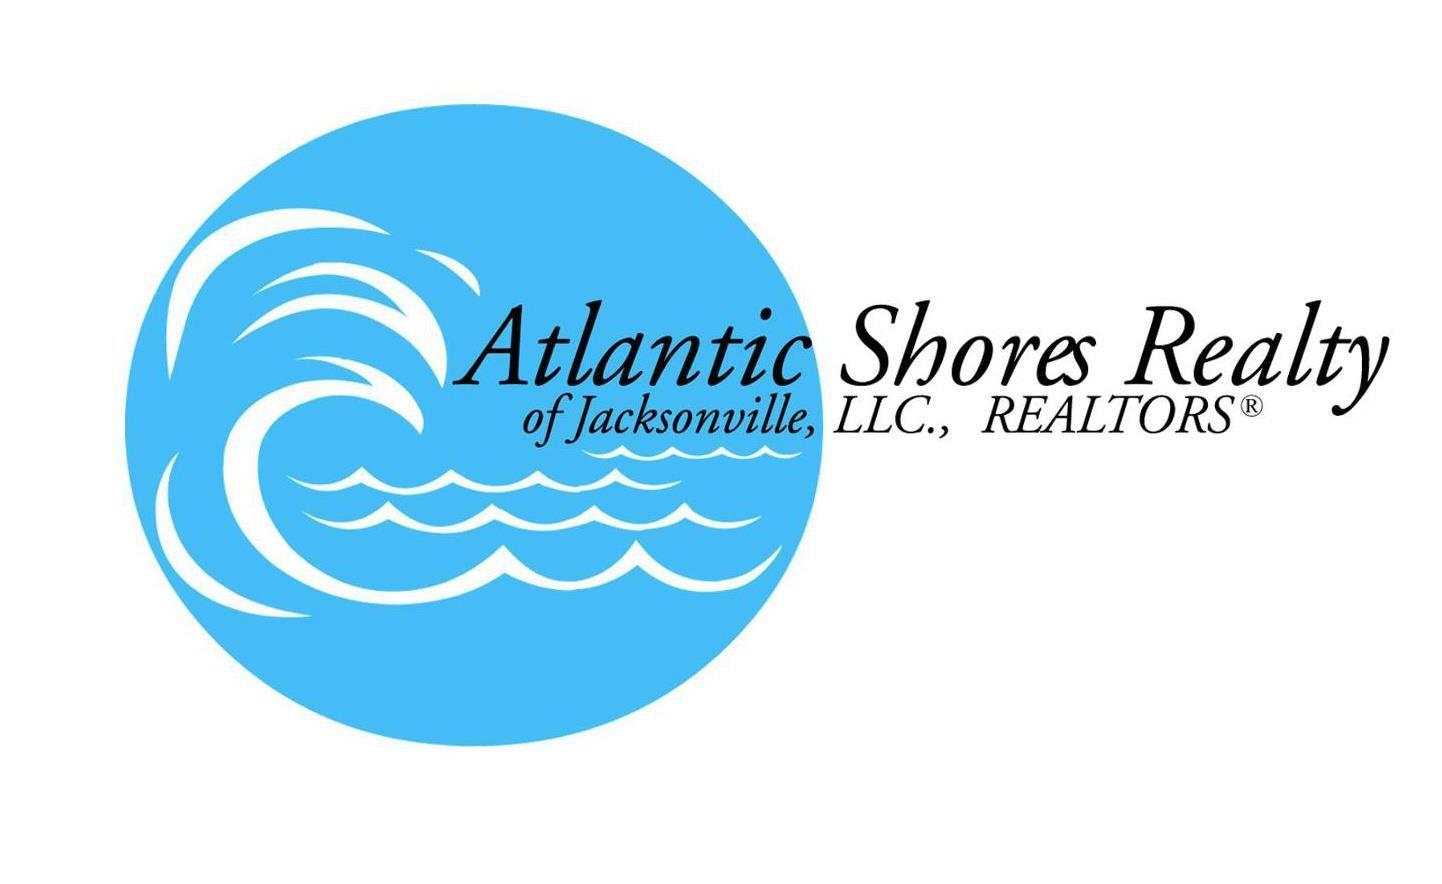 Atlantic Shores Realty Jacksonville Realty Atlantic Shores